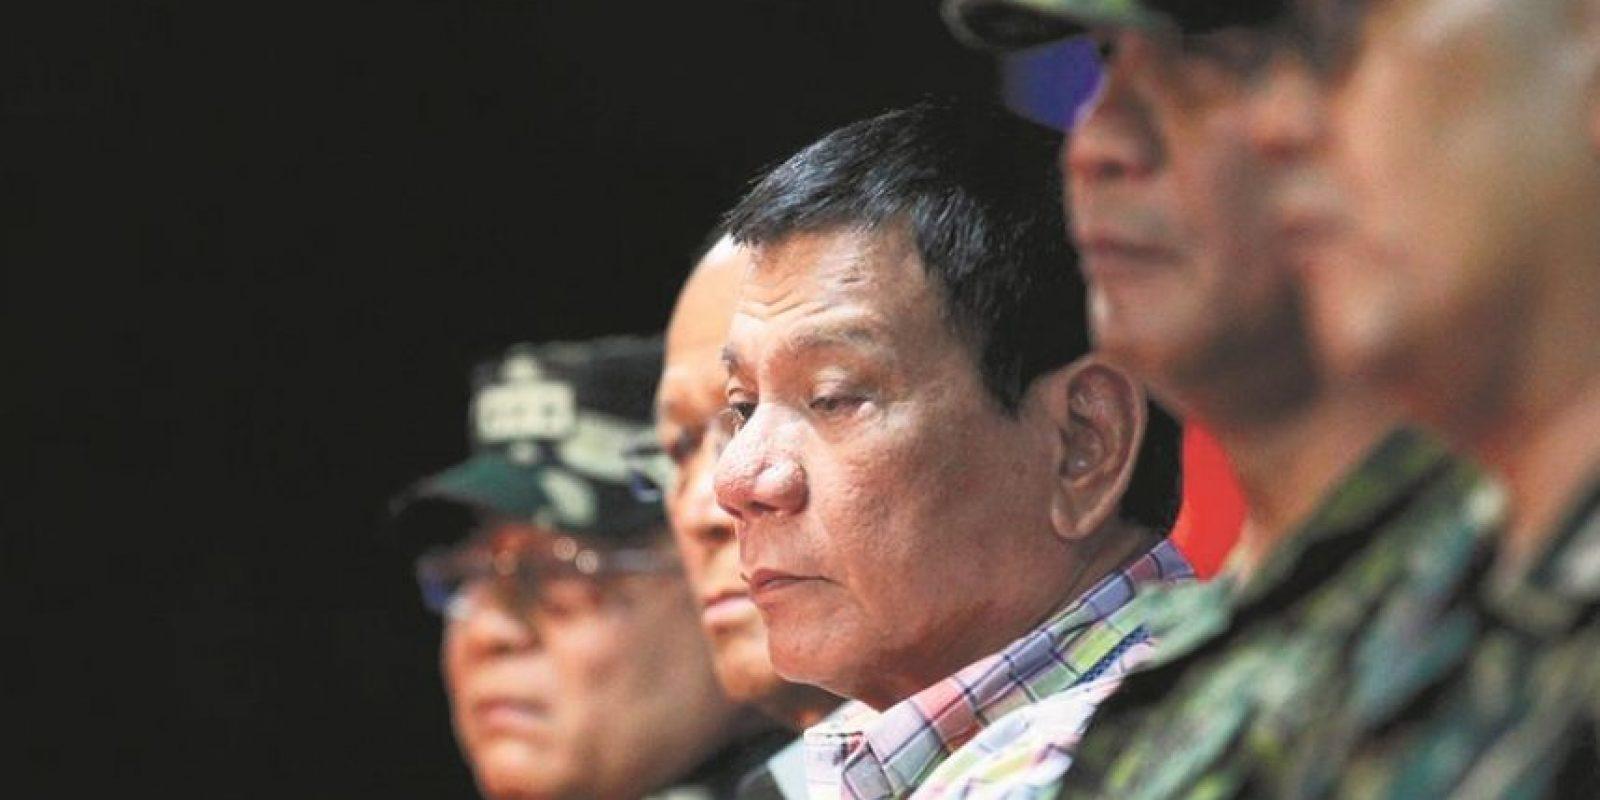 El presidente Rodrigo Duterte ha dicho que no le interesan los Derechos Humanos. Foto:Archivo